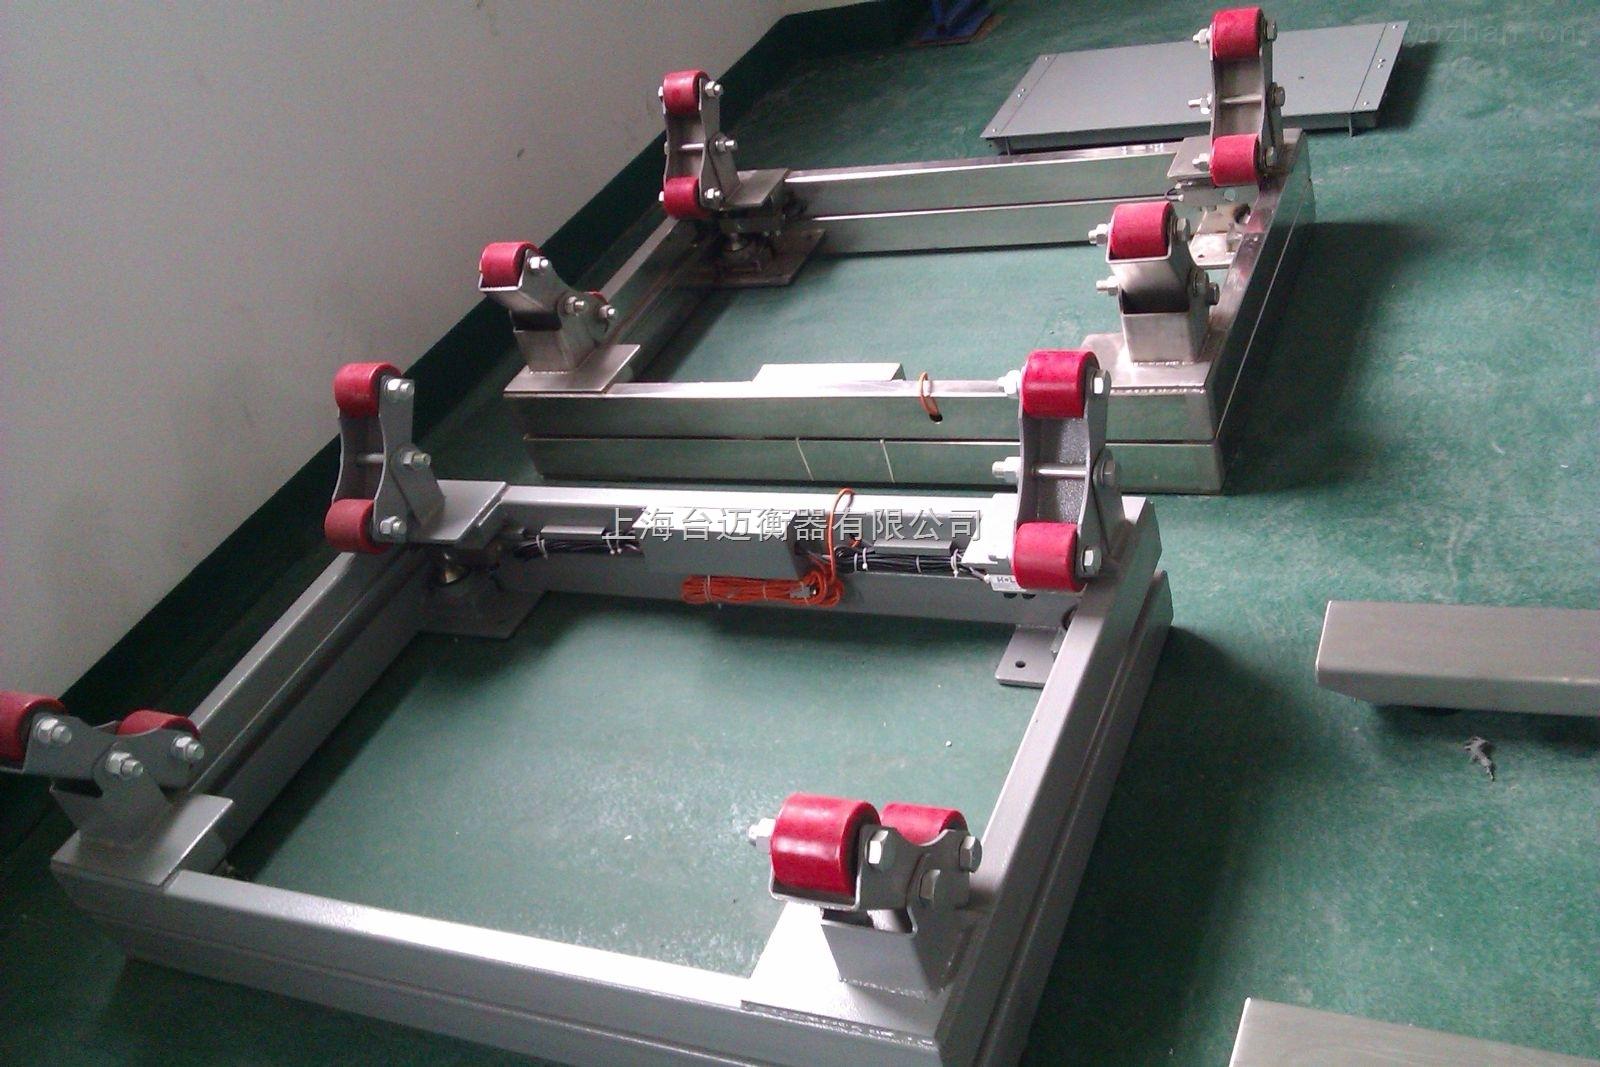 3吨钢瓶秤生产厂家丨钢瓶秤批发厂家丨供应1吨钢瓶秤